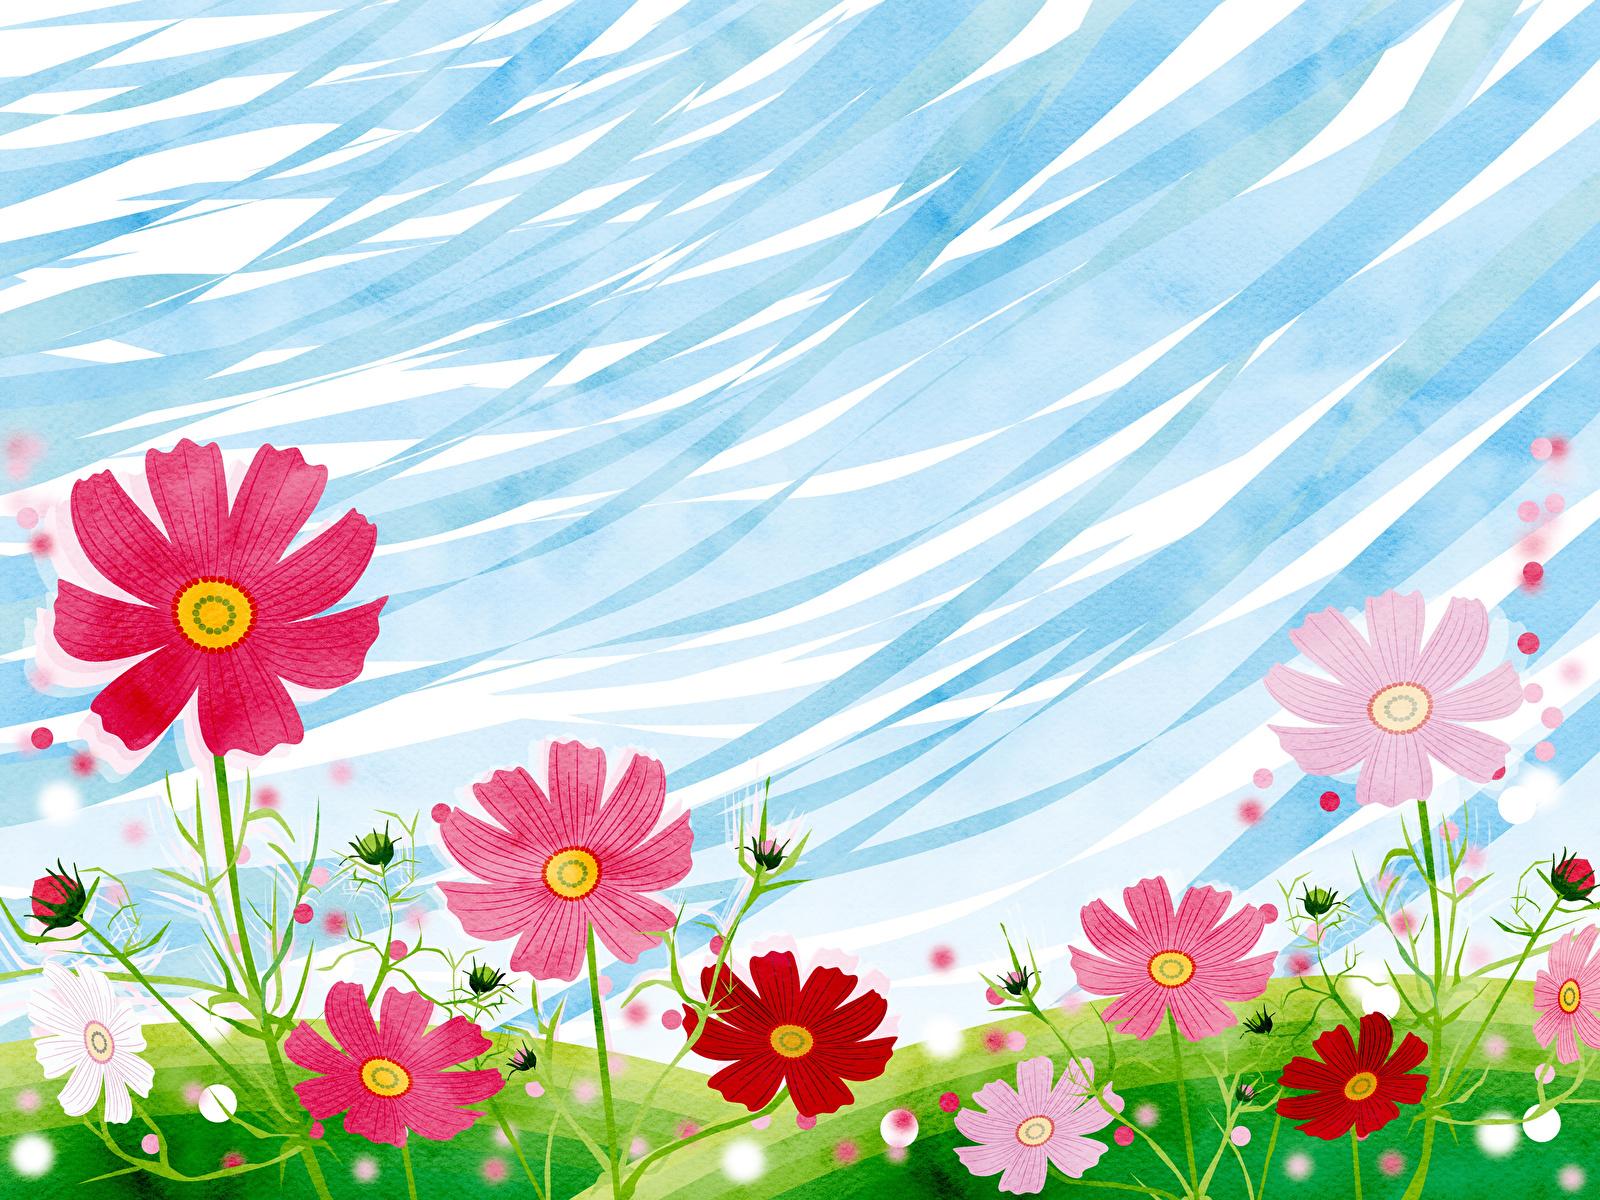 Bilder von Blumen Kosmeen Grünland Gezeichnet 1600x1200 Blüte Schmuckkörbchen